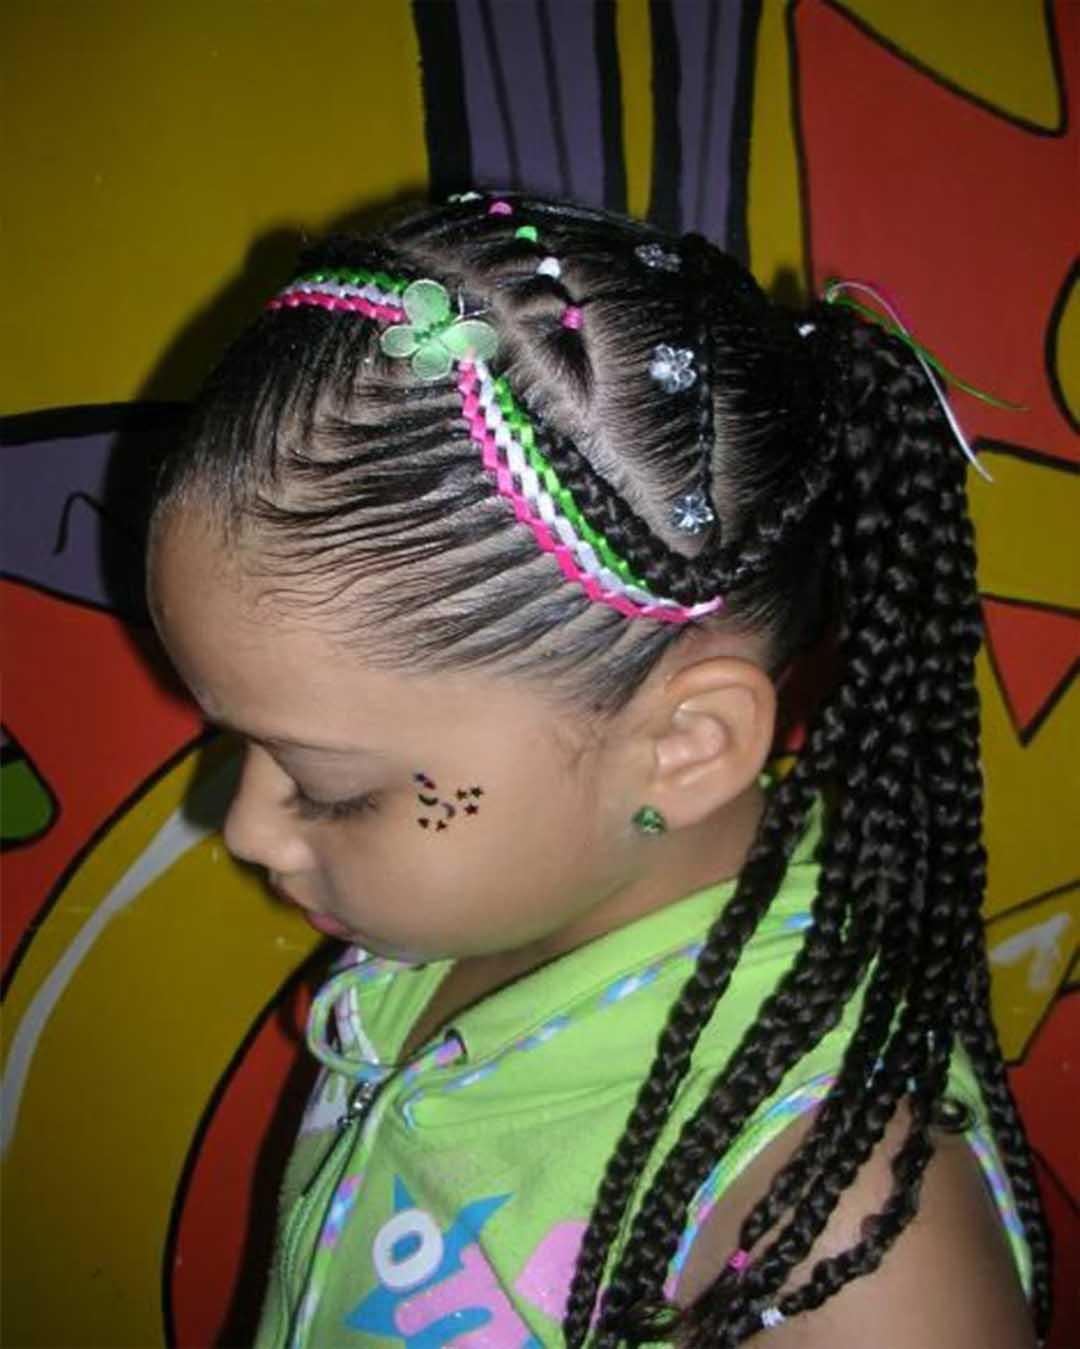 Fascinante peinados niñas sencillos Fotos de estilo de color de pelo - Peinados para niñas con TRENZAS fáciles y sencillos 2018 ...